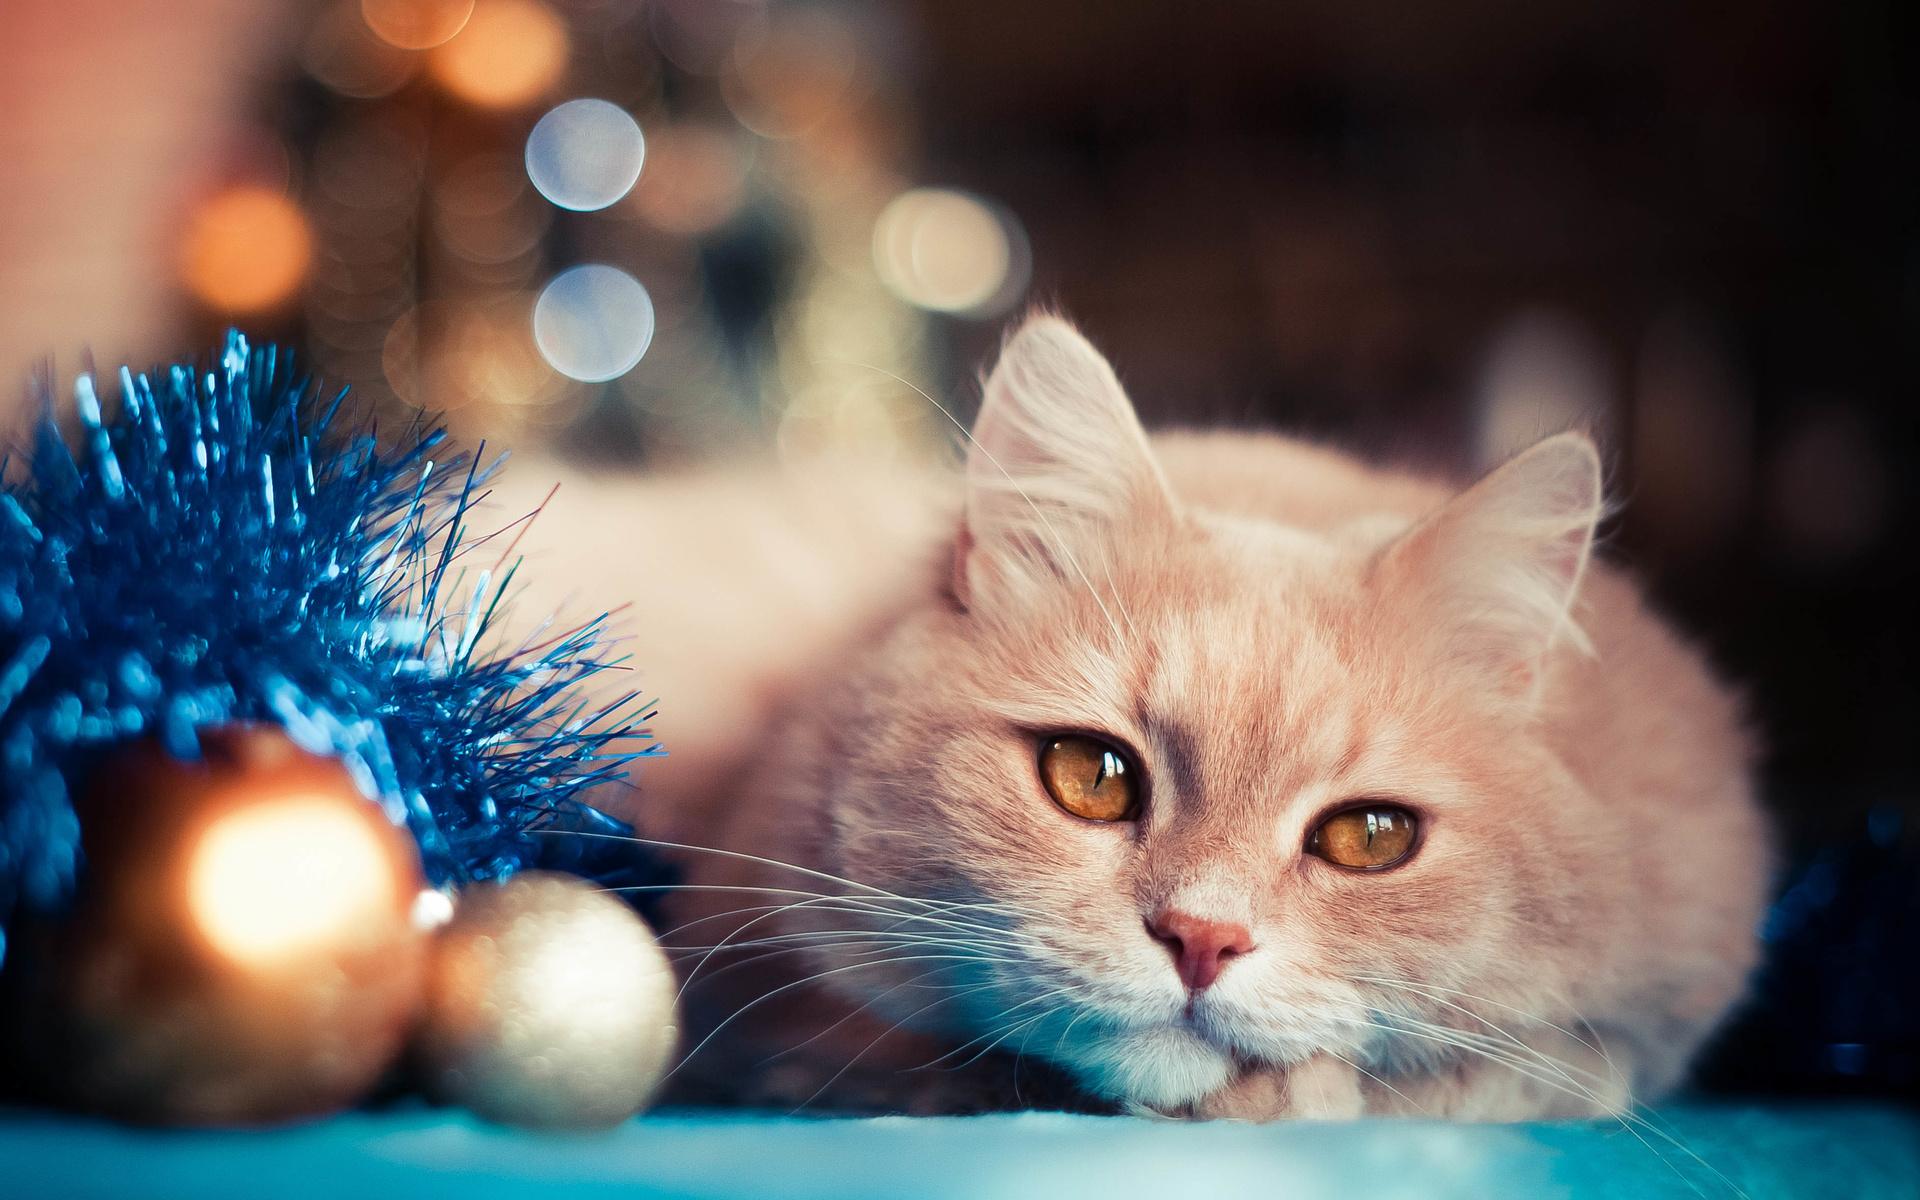 Картинки прикольные ожидание нового года